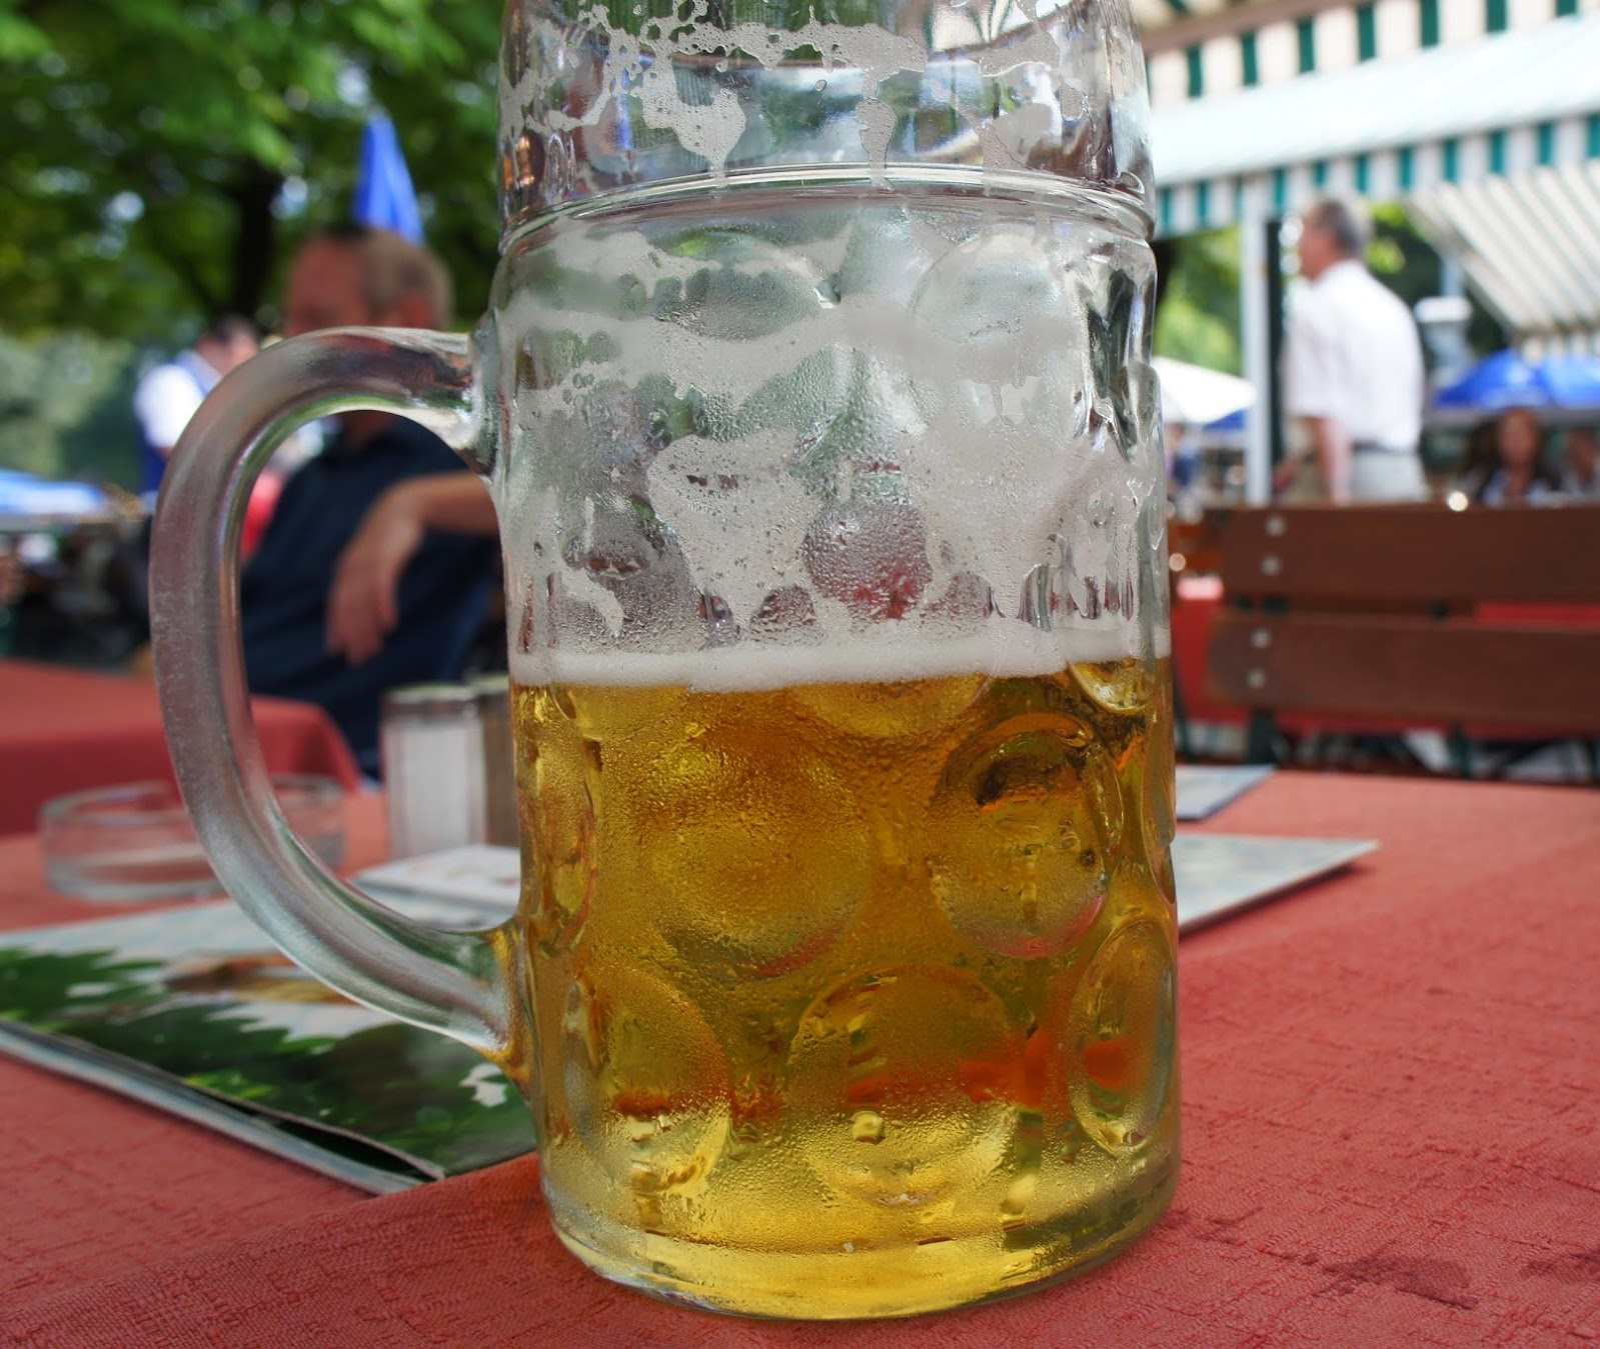 Jarra de cerveza en una cervecería al aire libre en Munich